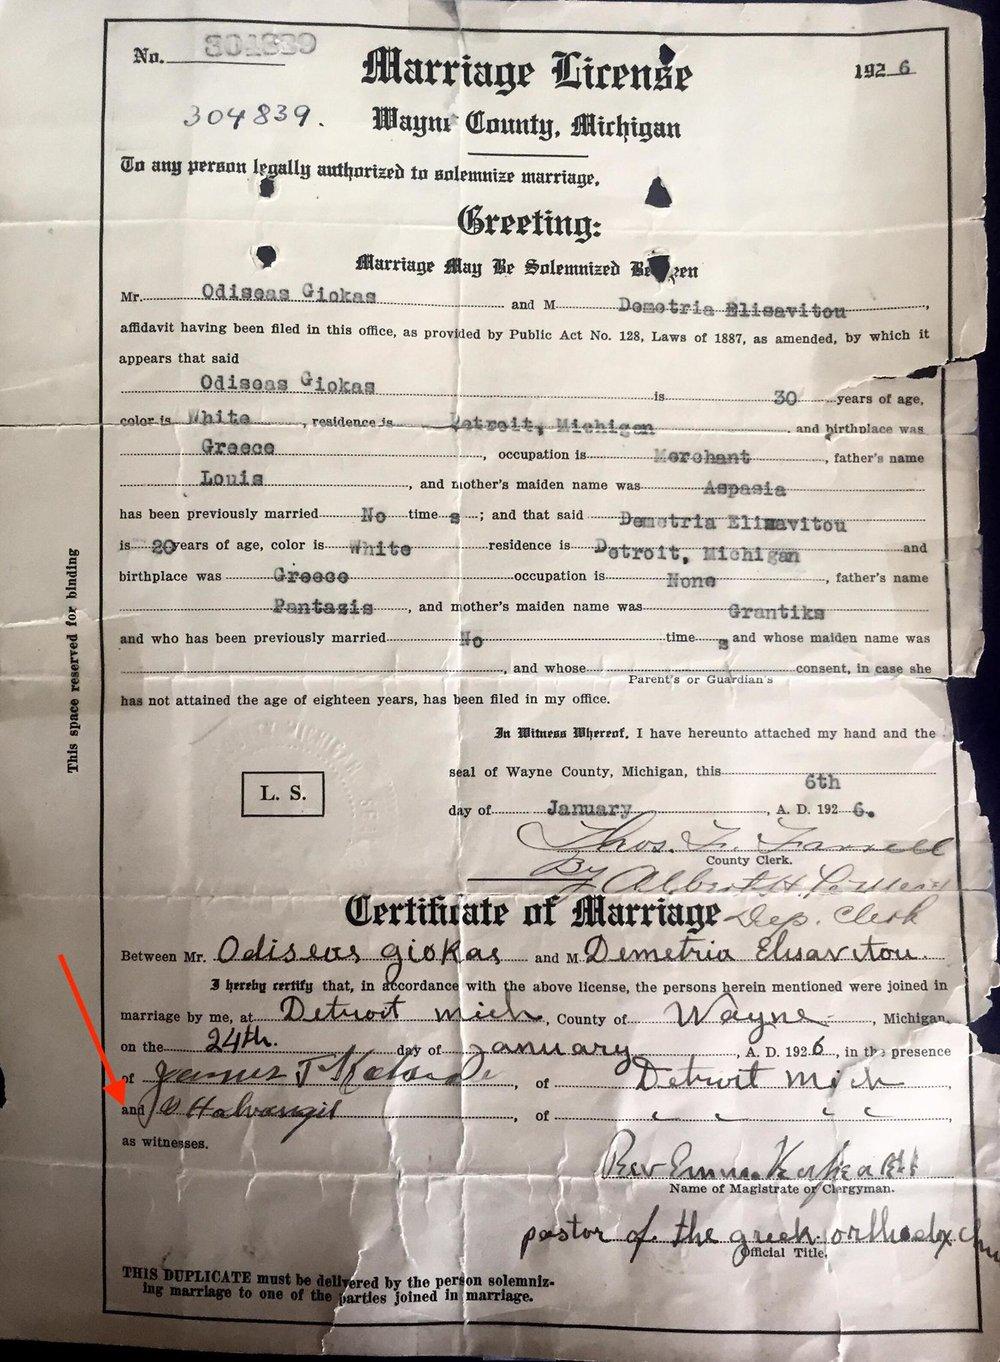 Marriage License of Odysseus Giokas and Dimitra Elissaviti 1/6/1926